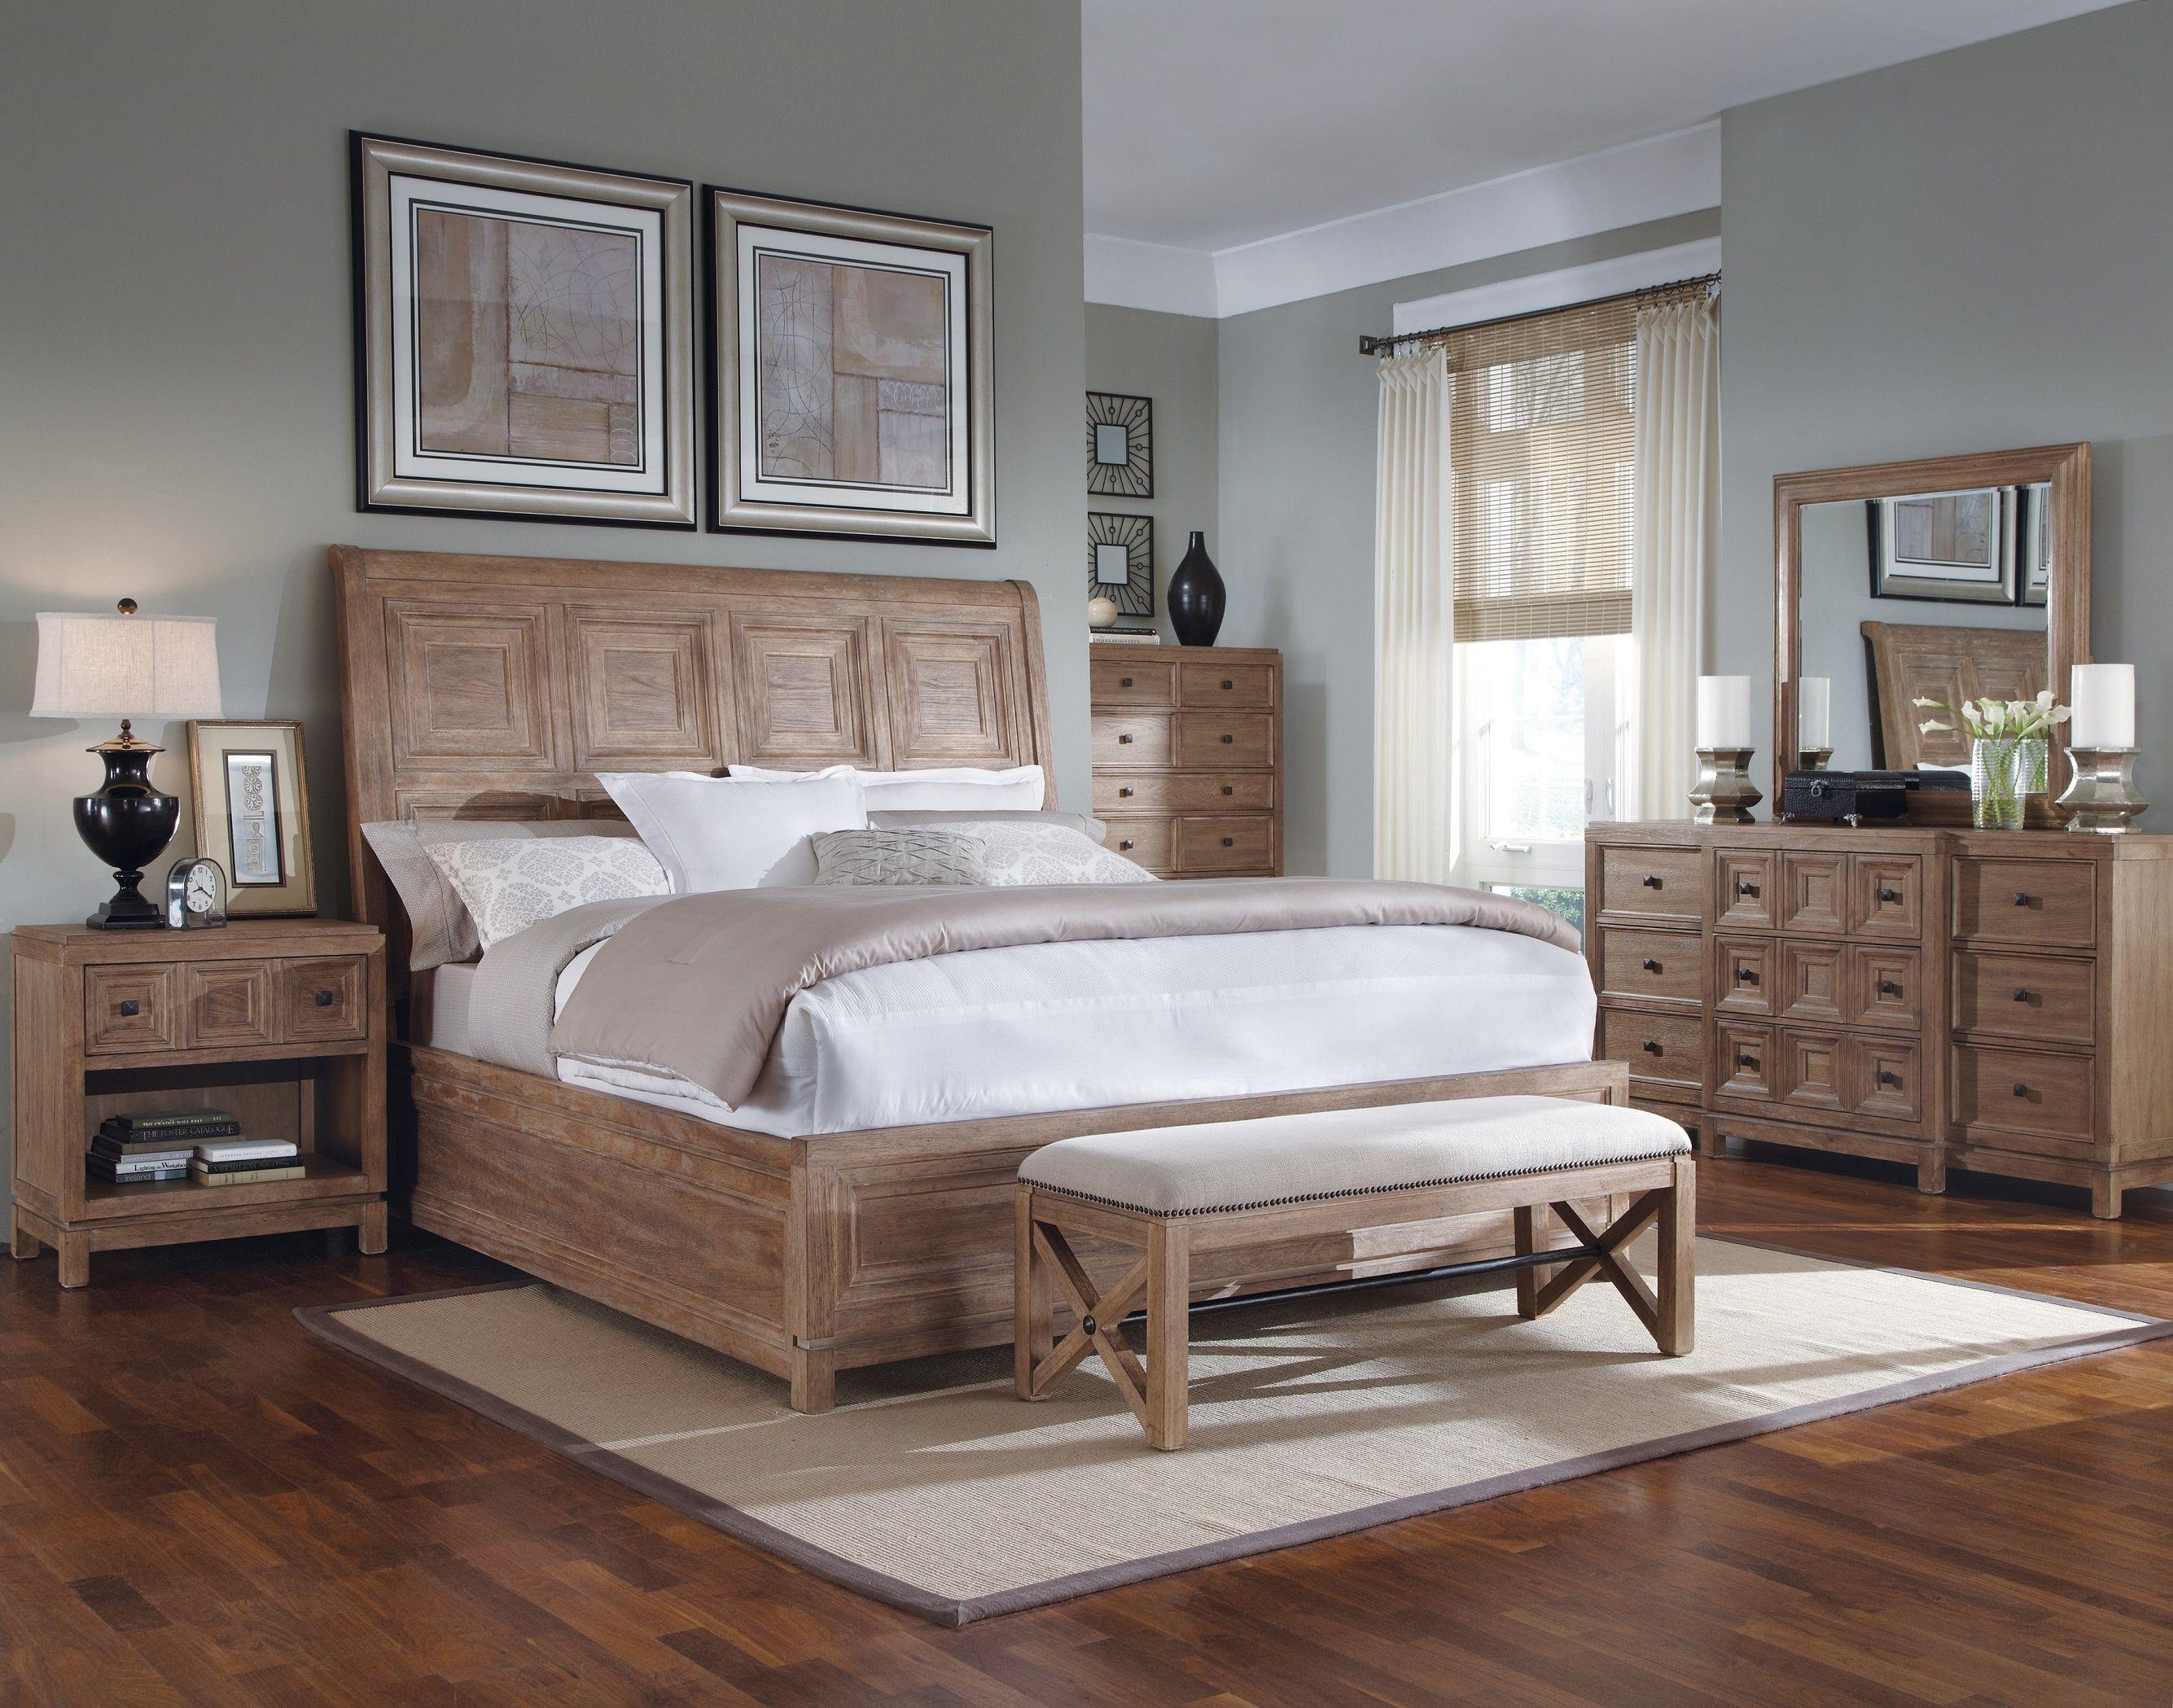 Master bedroom furniture sets  White Oak Bedroom Furniture Sets  Decorating Ideas  Pinterest